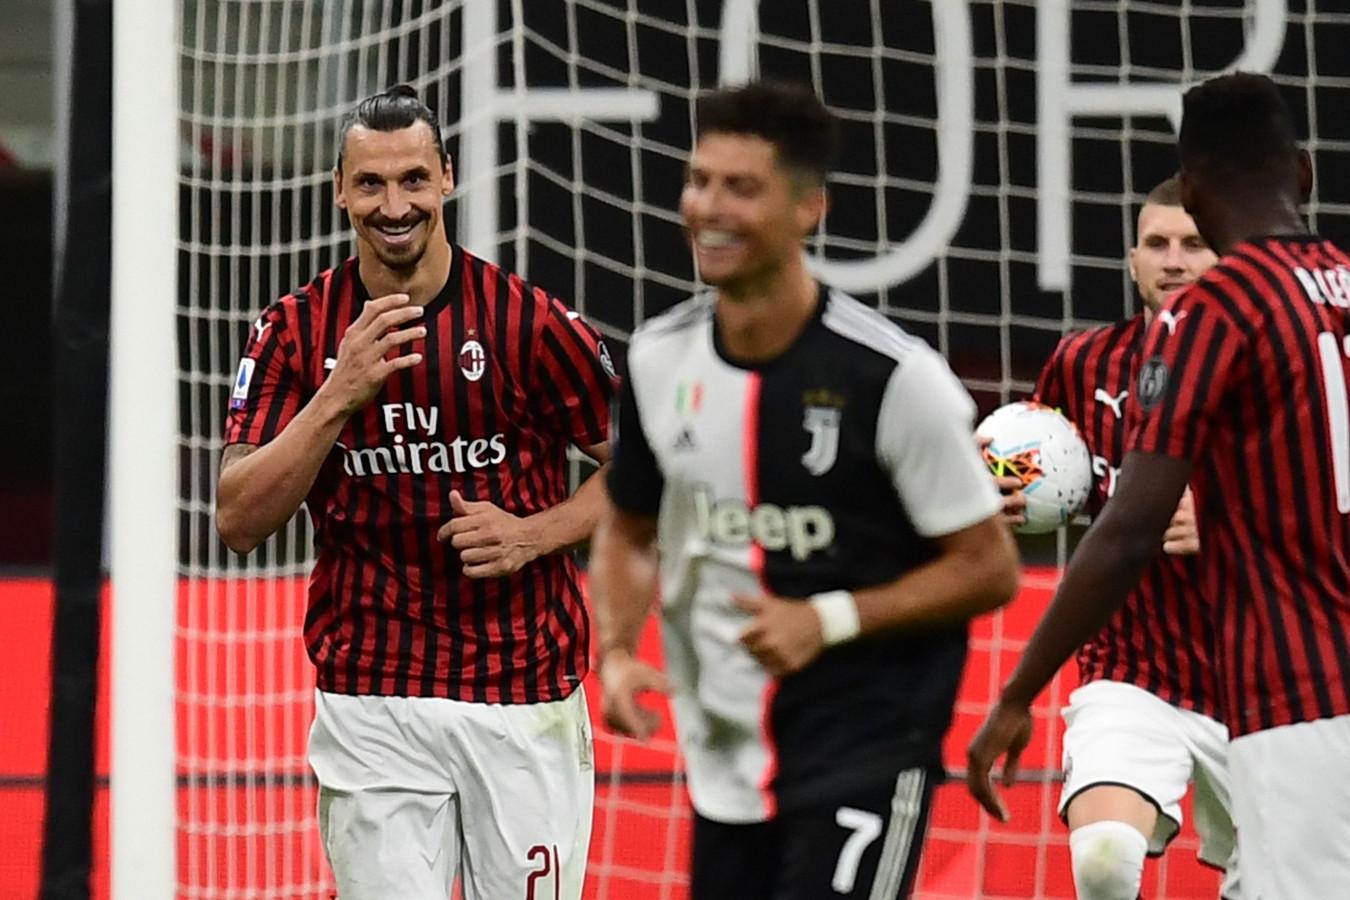 De reactie van Zlatan Ibrahimovic richting Ronaldo nadat hij een penalty heeft benut.